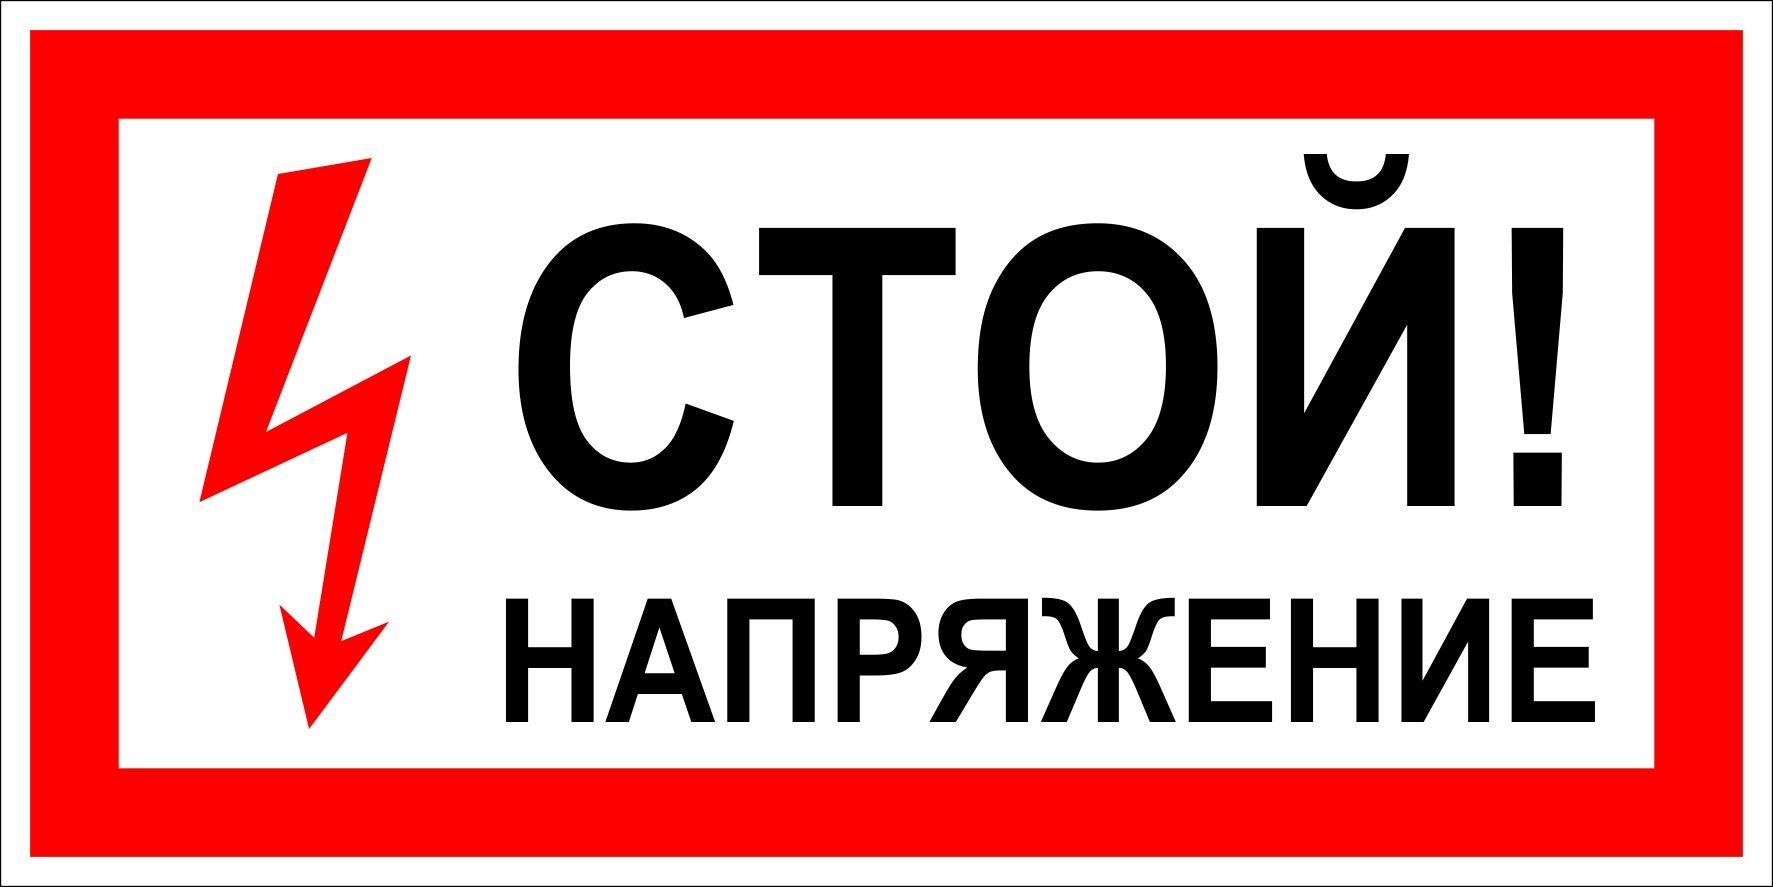 Предупредительные таблички электробезопасности может ли специалист по от имеющему 4 группу по электробезопасности